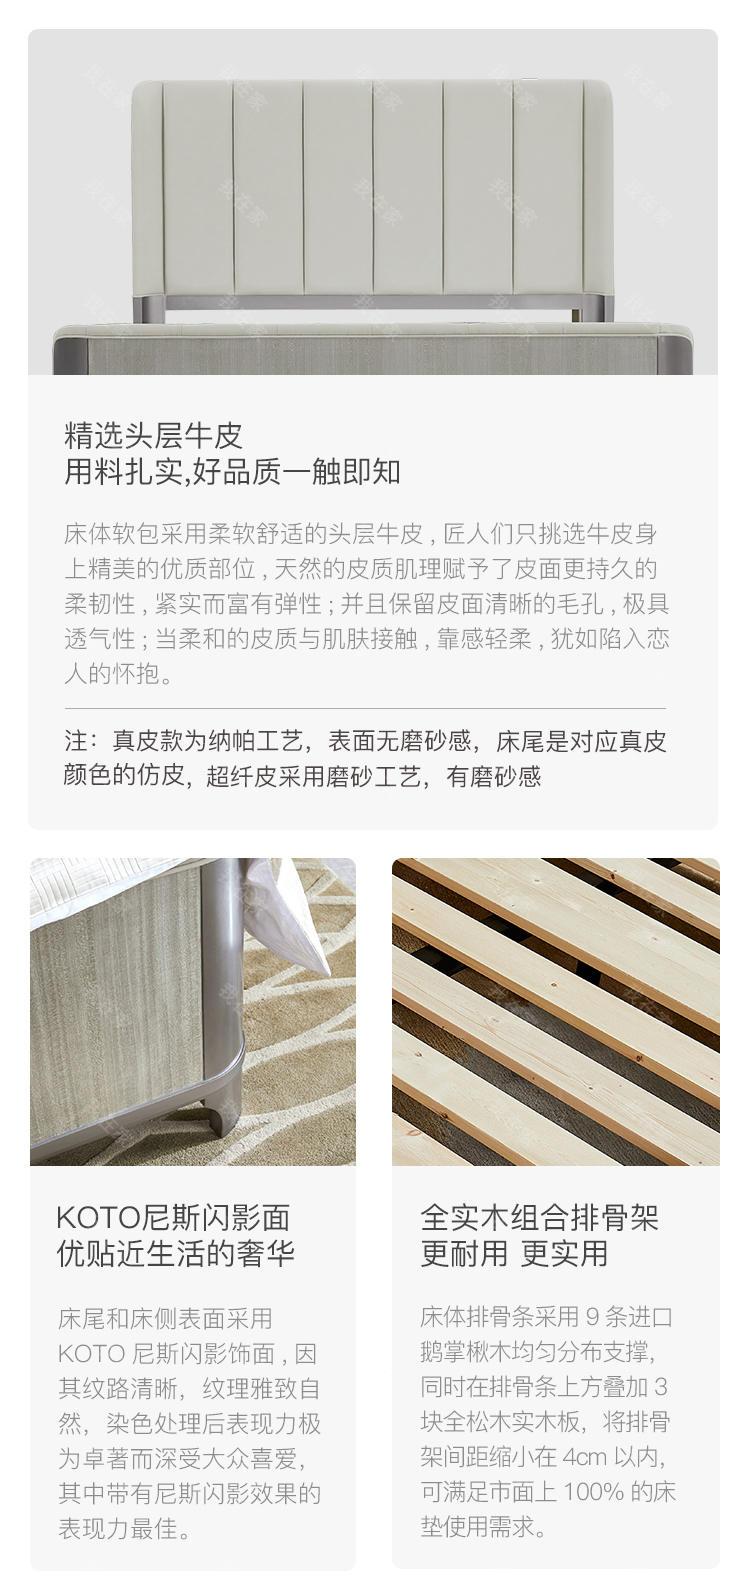 轻奢美式风格希尔顿双人床的家具详细介绍